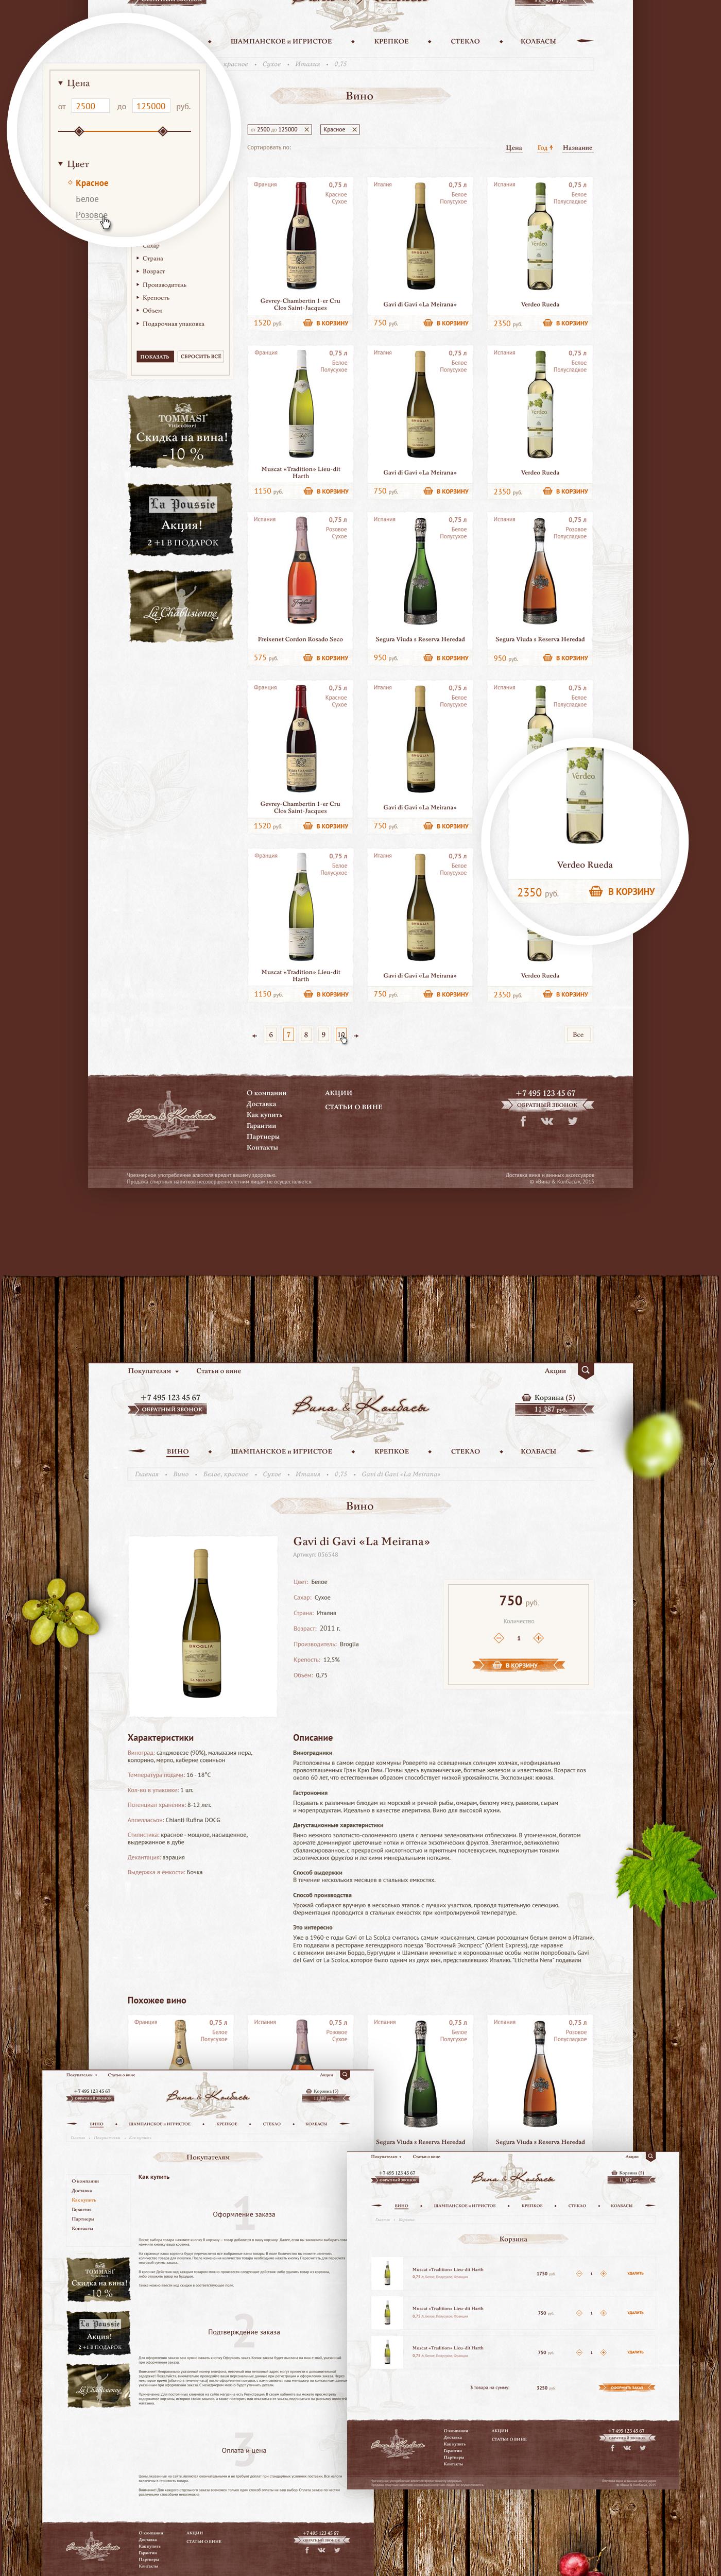 Online shop wine e-commerce alcohol Web